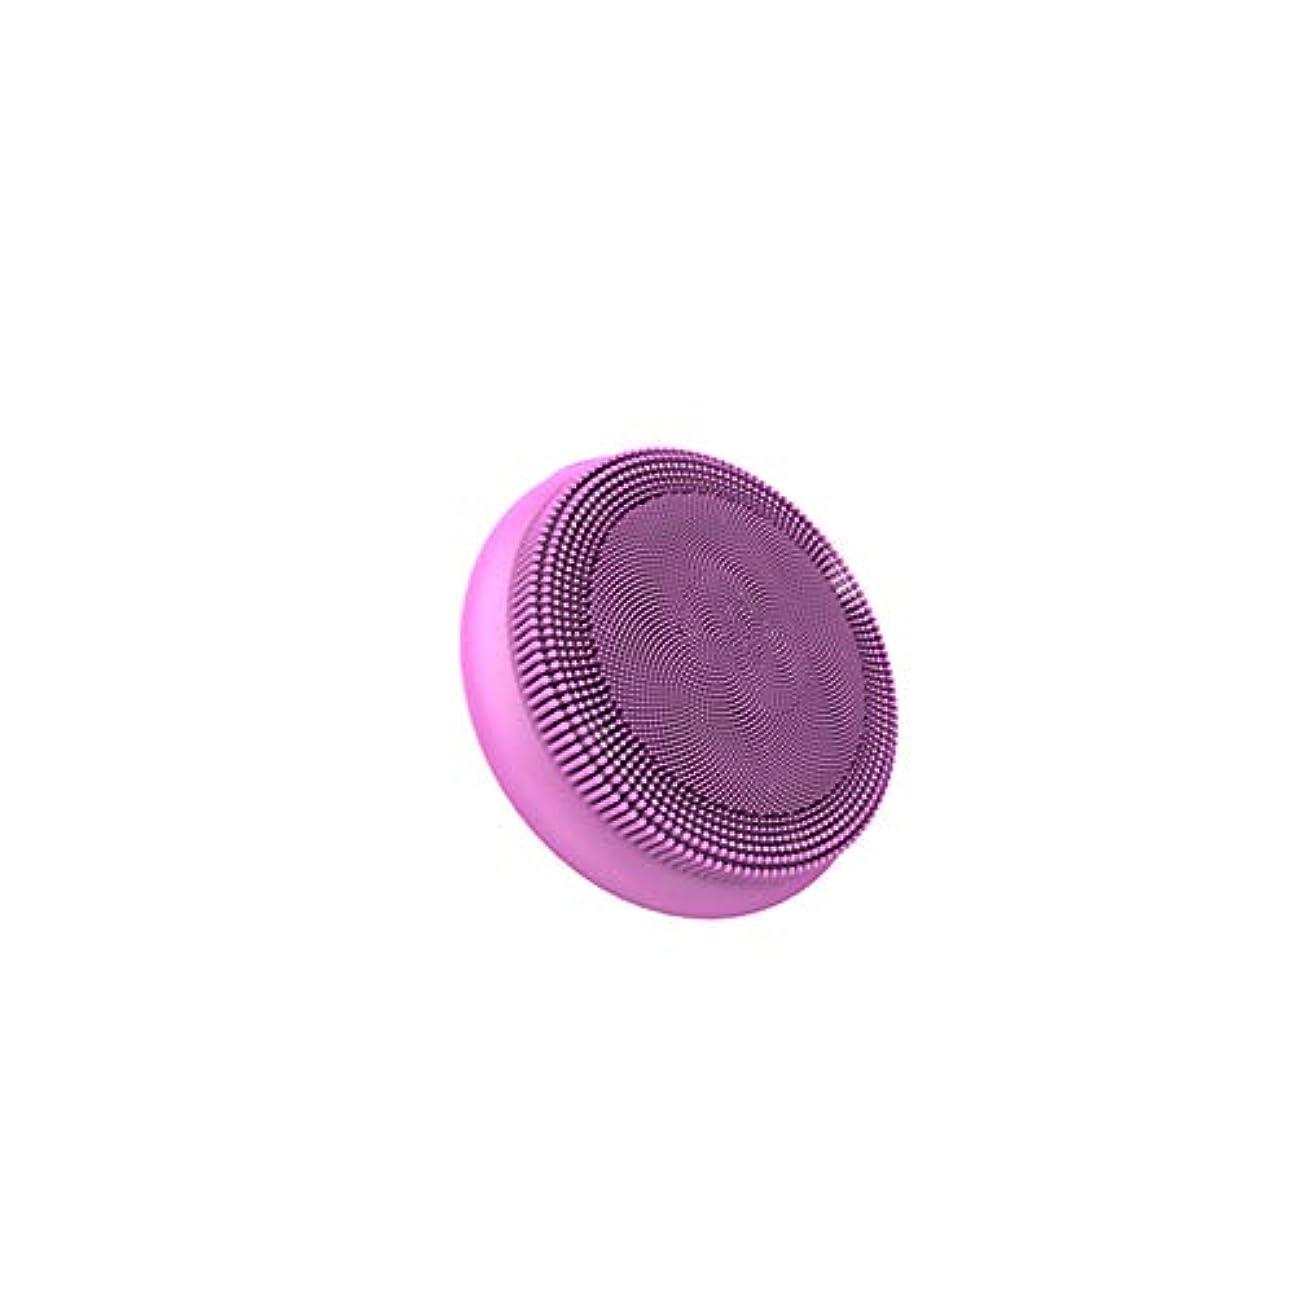 許可するピストル子供達フェイシャルクレンジングブラシ、ディープクレンジング用防水シリコンフェイスマッサージャー、すべての肌タイプのアンチエイジングスキンケアデバイス,ピンク